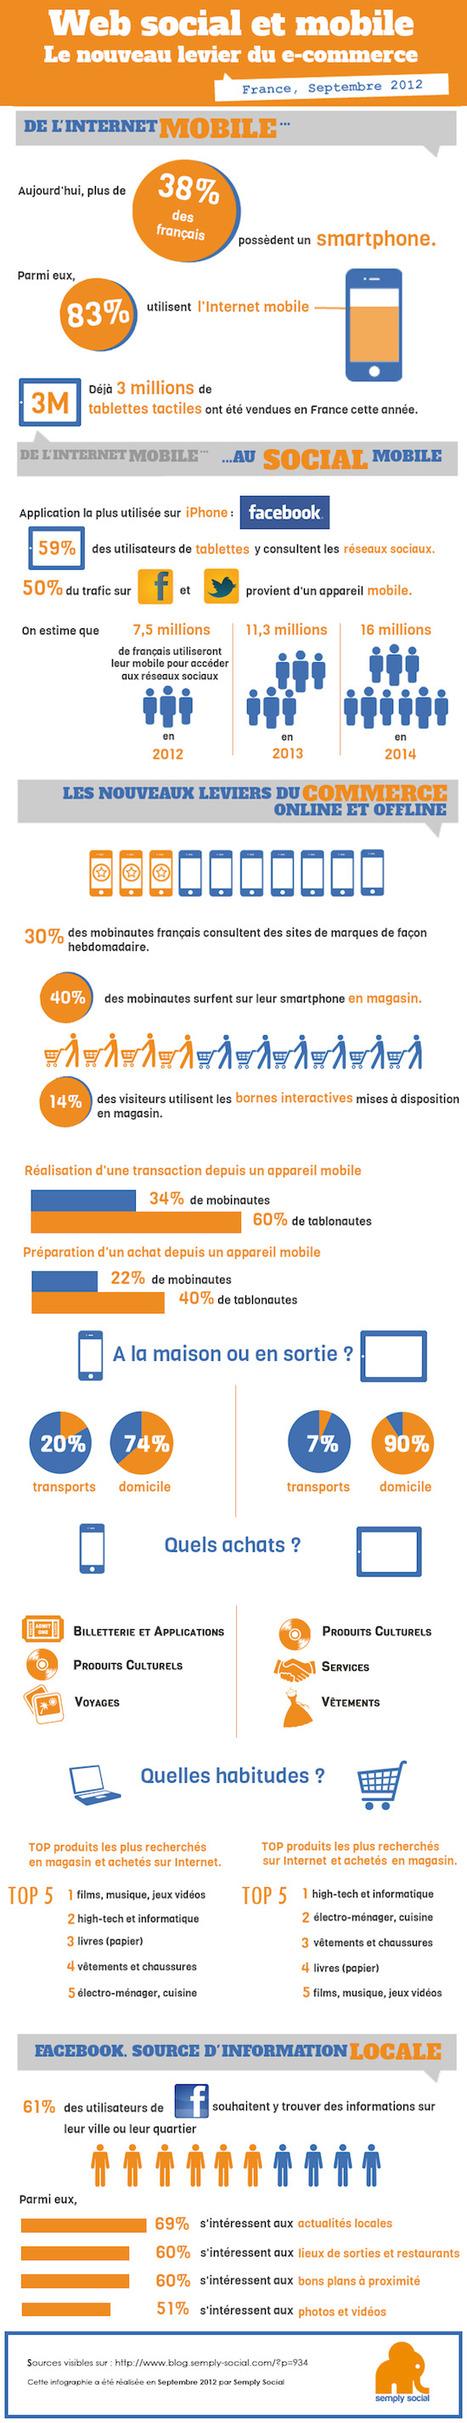 [Infographie] Le web social et le mobile au service du e-commerce | Actu et stratégie e-commerce | Scoop.it